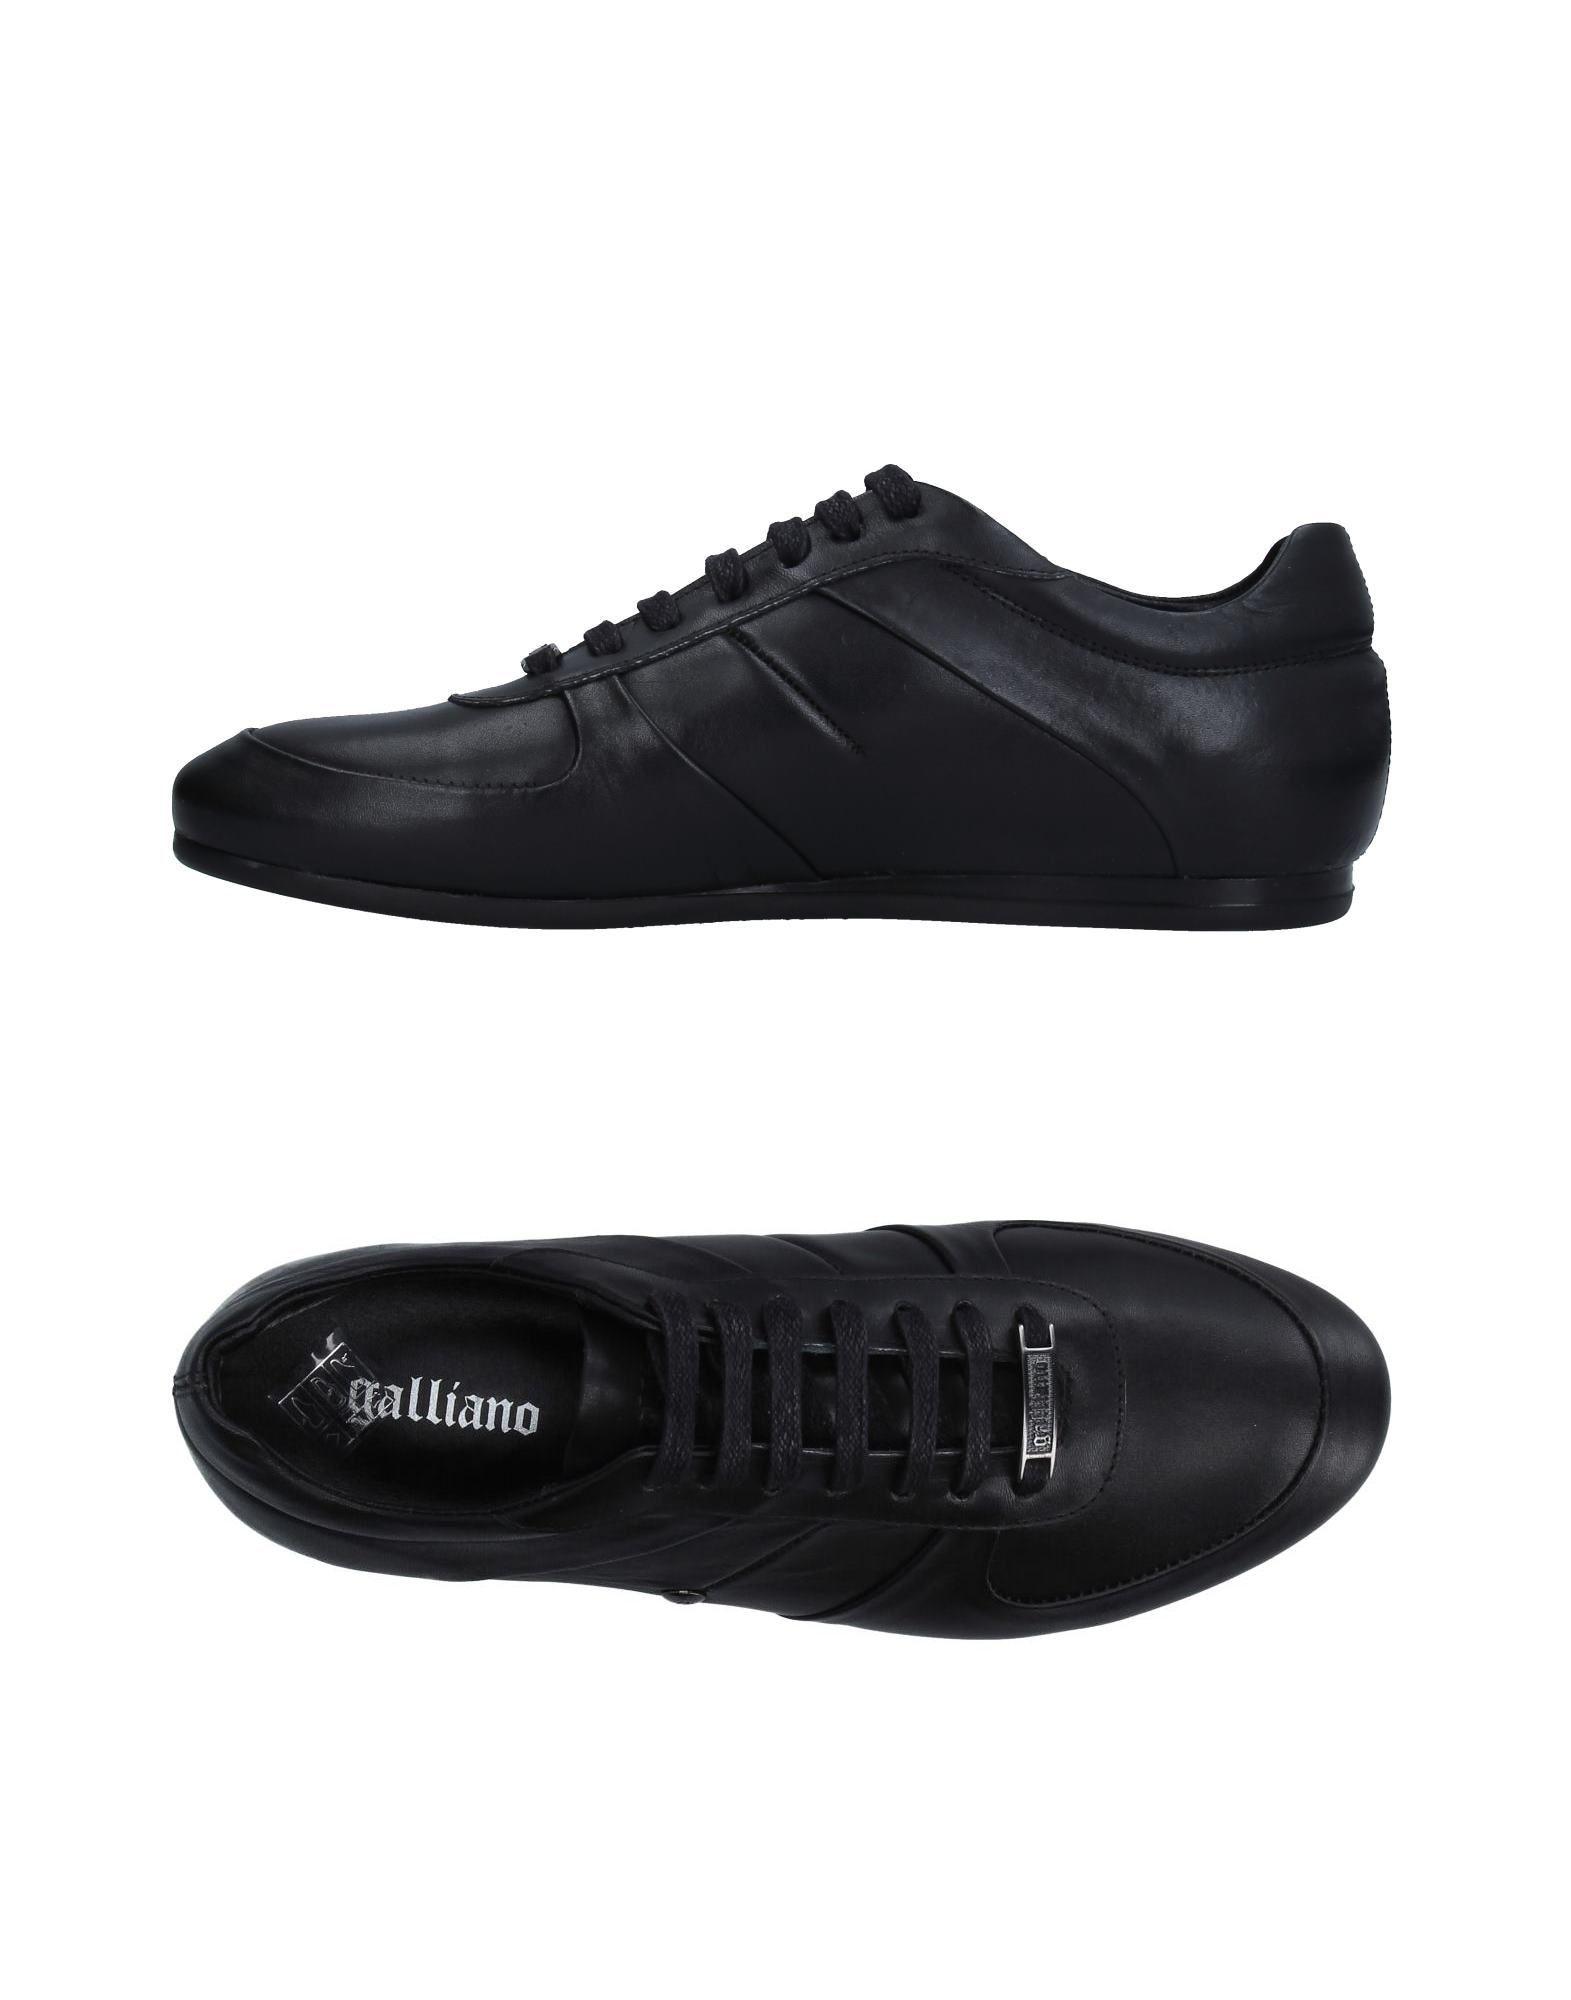 Sneakers Galliano Uomo - 11264807JO Scarpe economiche e buone